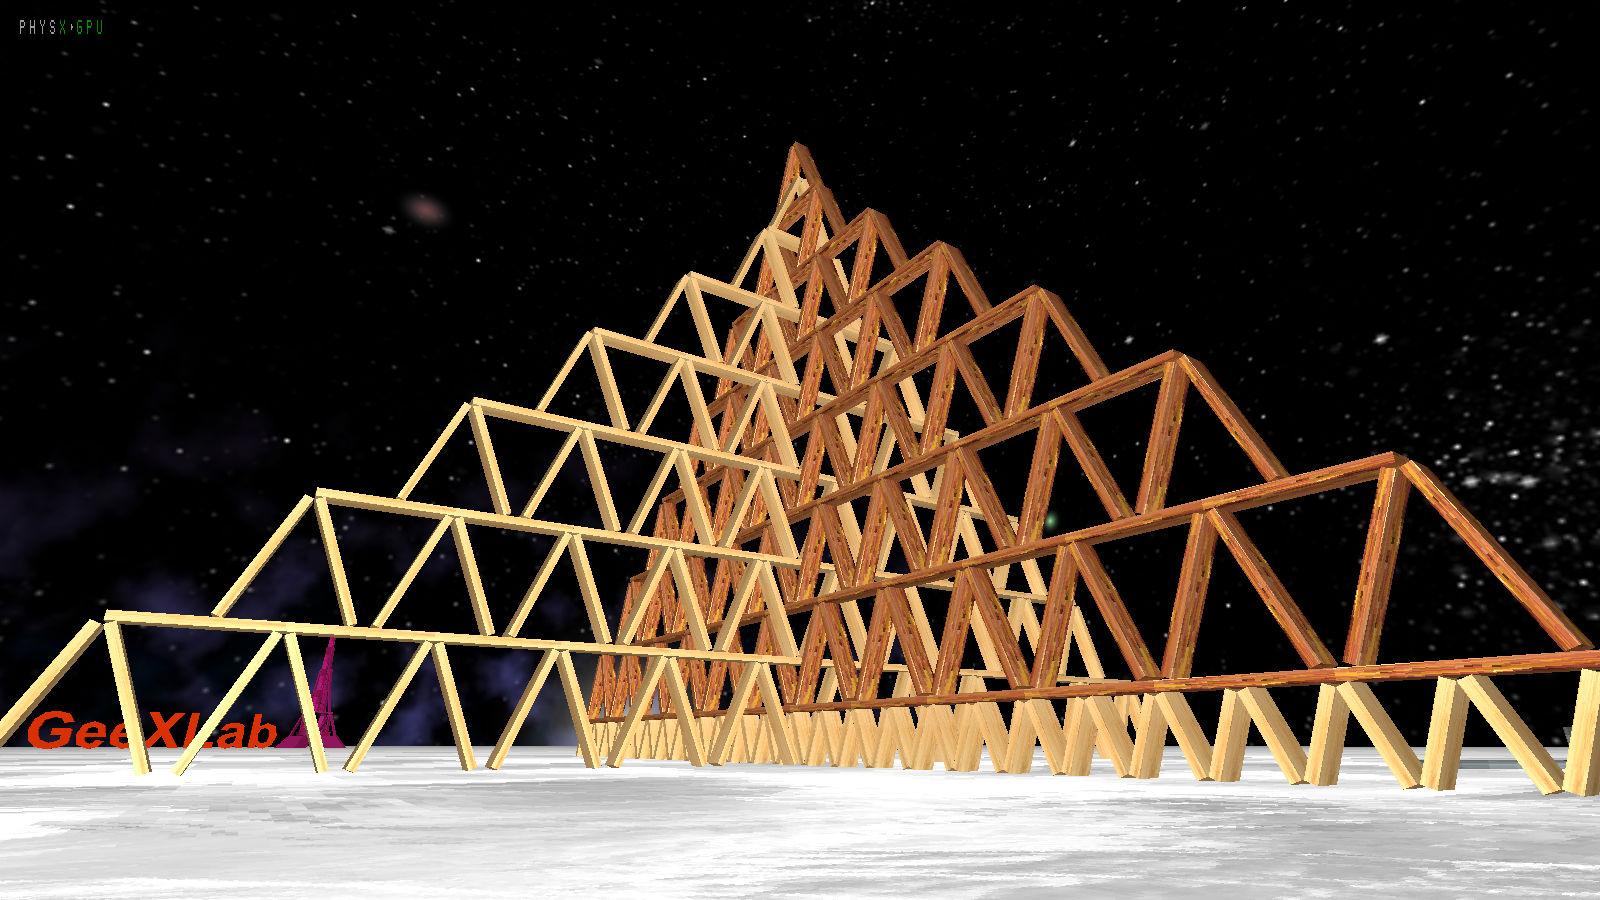 Tour pyramidale